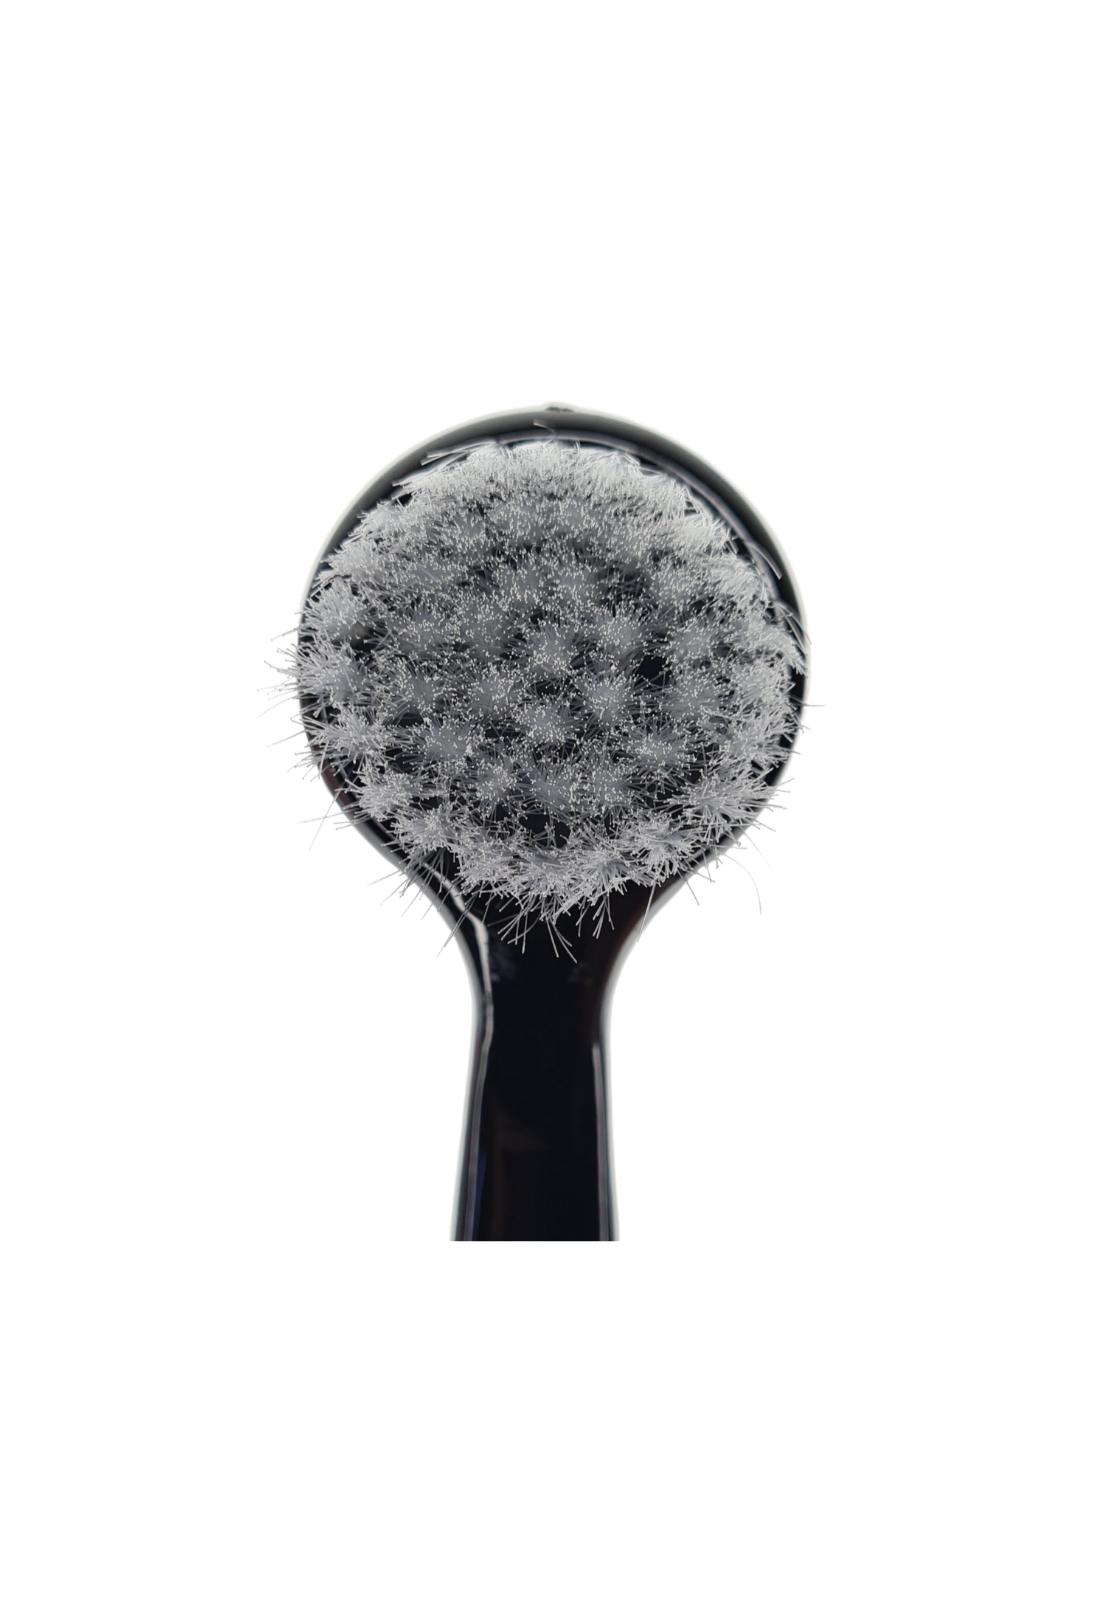 Sabonete facial com pincel de limpeza Macrilan Trate Pré-make